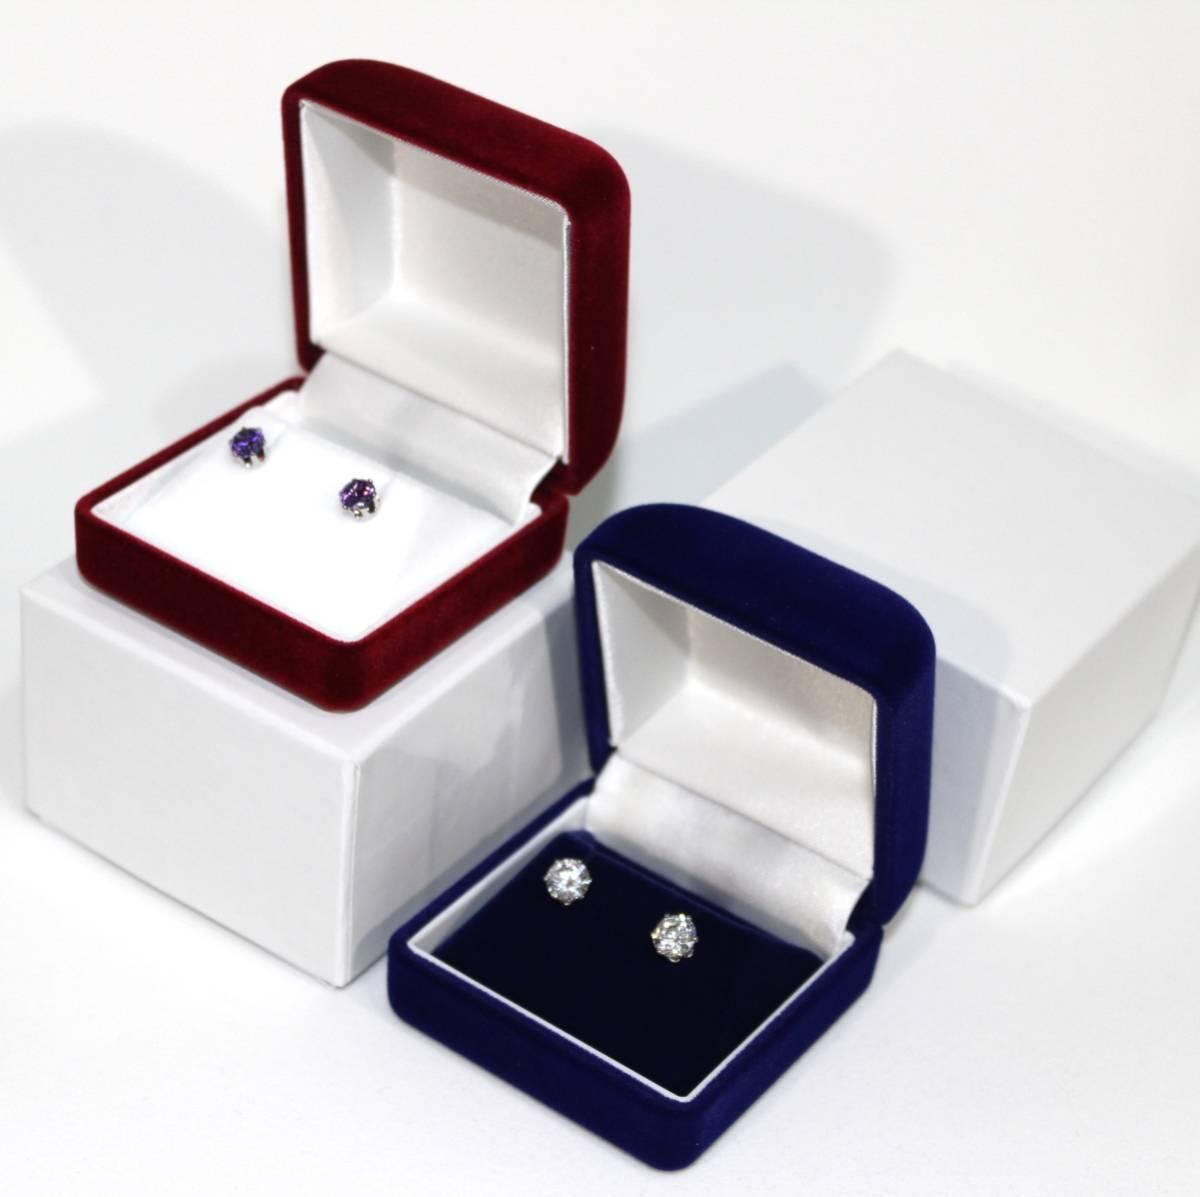 ピアス/ネックレス/イヤリング プレゼント 高級ジュエリーケース/アクセサリーボックス/ブラック ハンドメイド/収納/箱/BOX/ギフト/贈り物_画像3